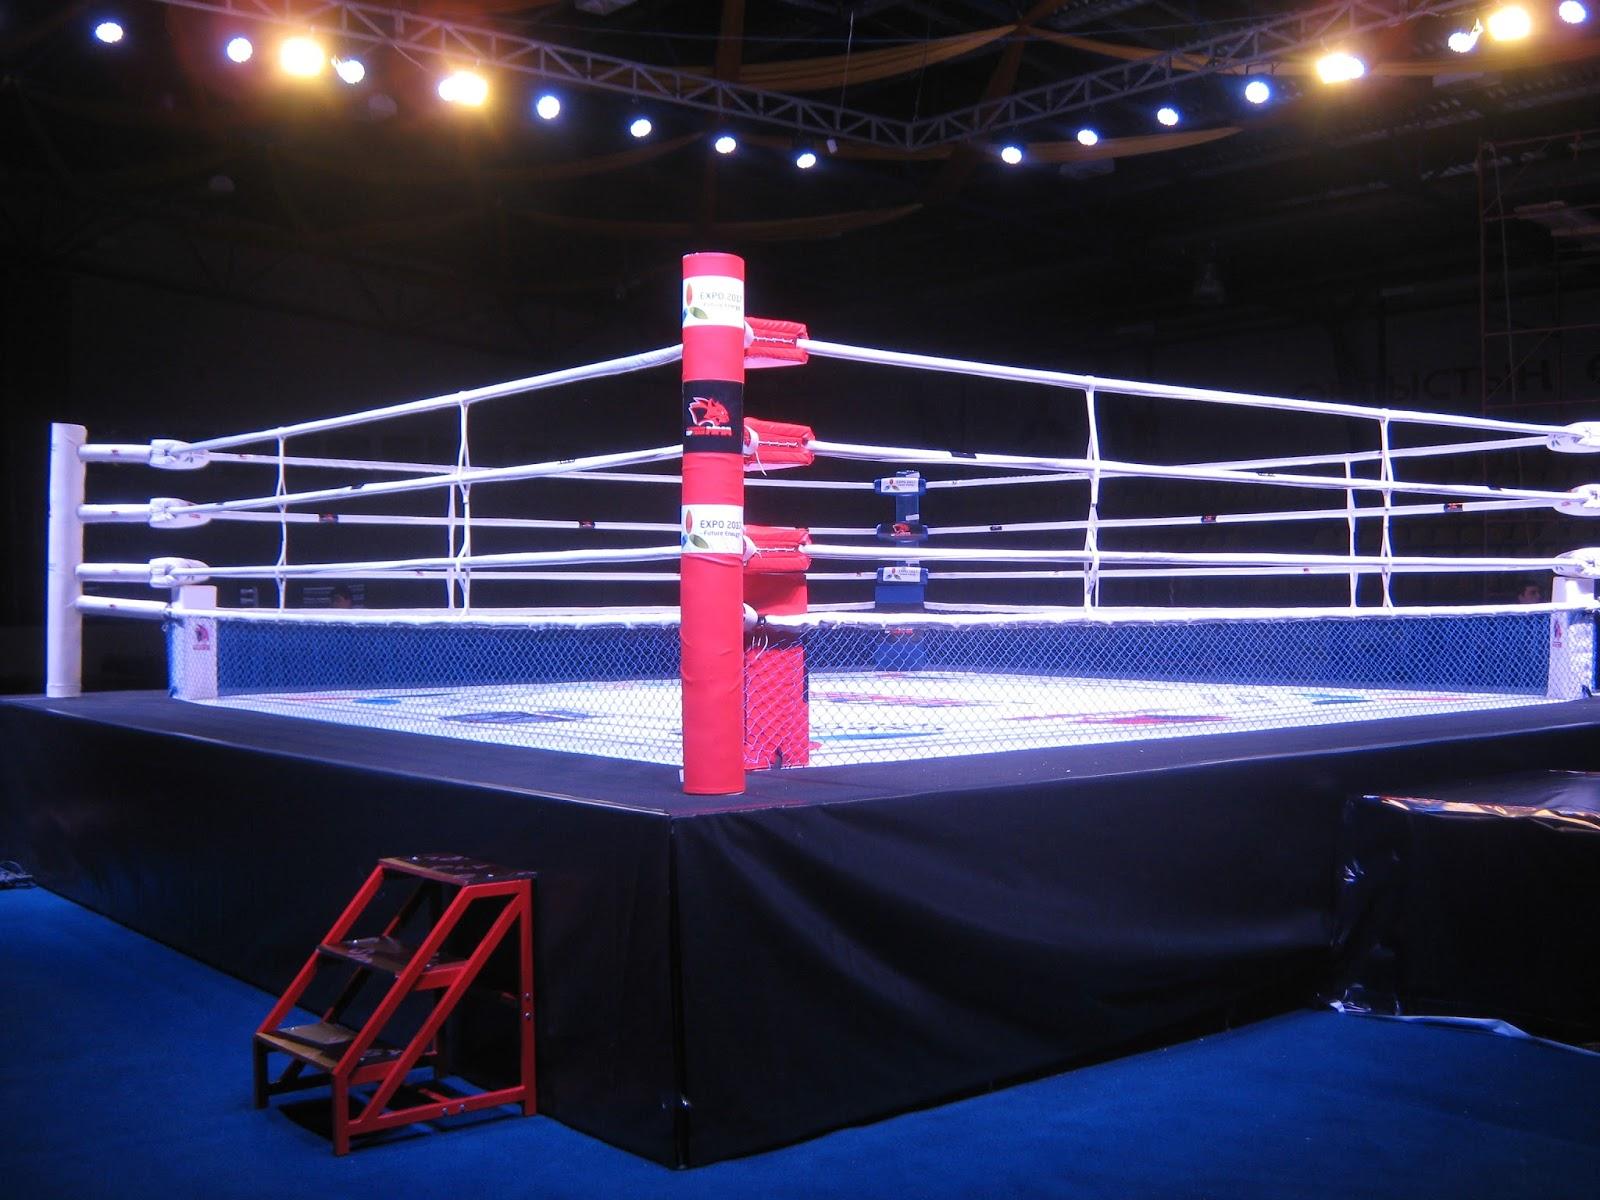 В коллекцию невероятных побед: Непобедимый украинский боксер выиграл бой кошмарным нокаутом